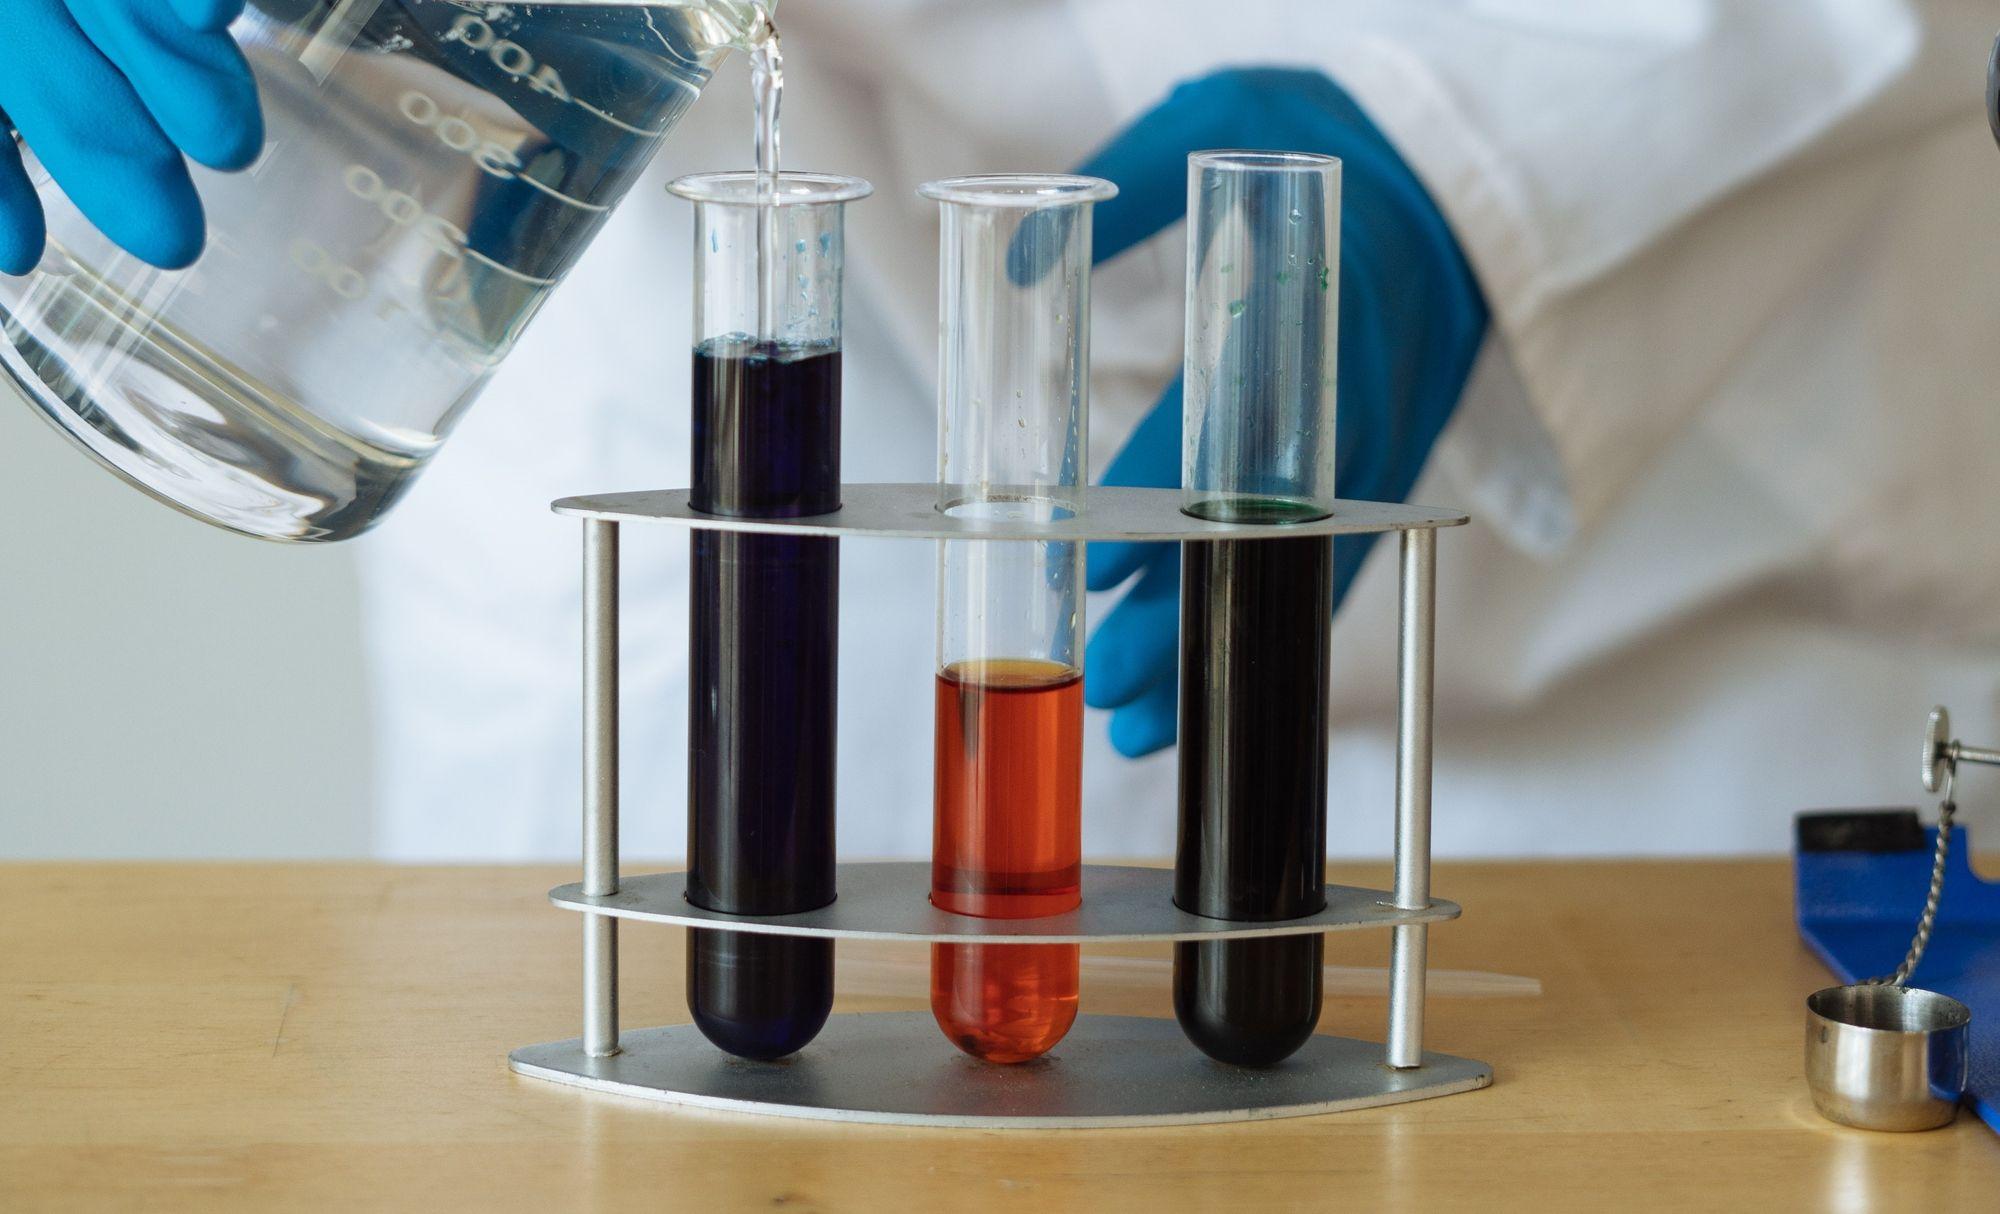 Test tubes on a desk